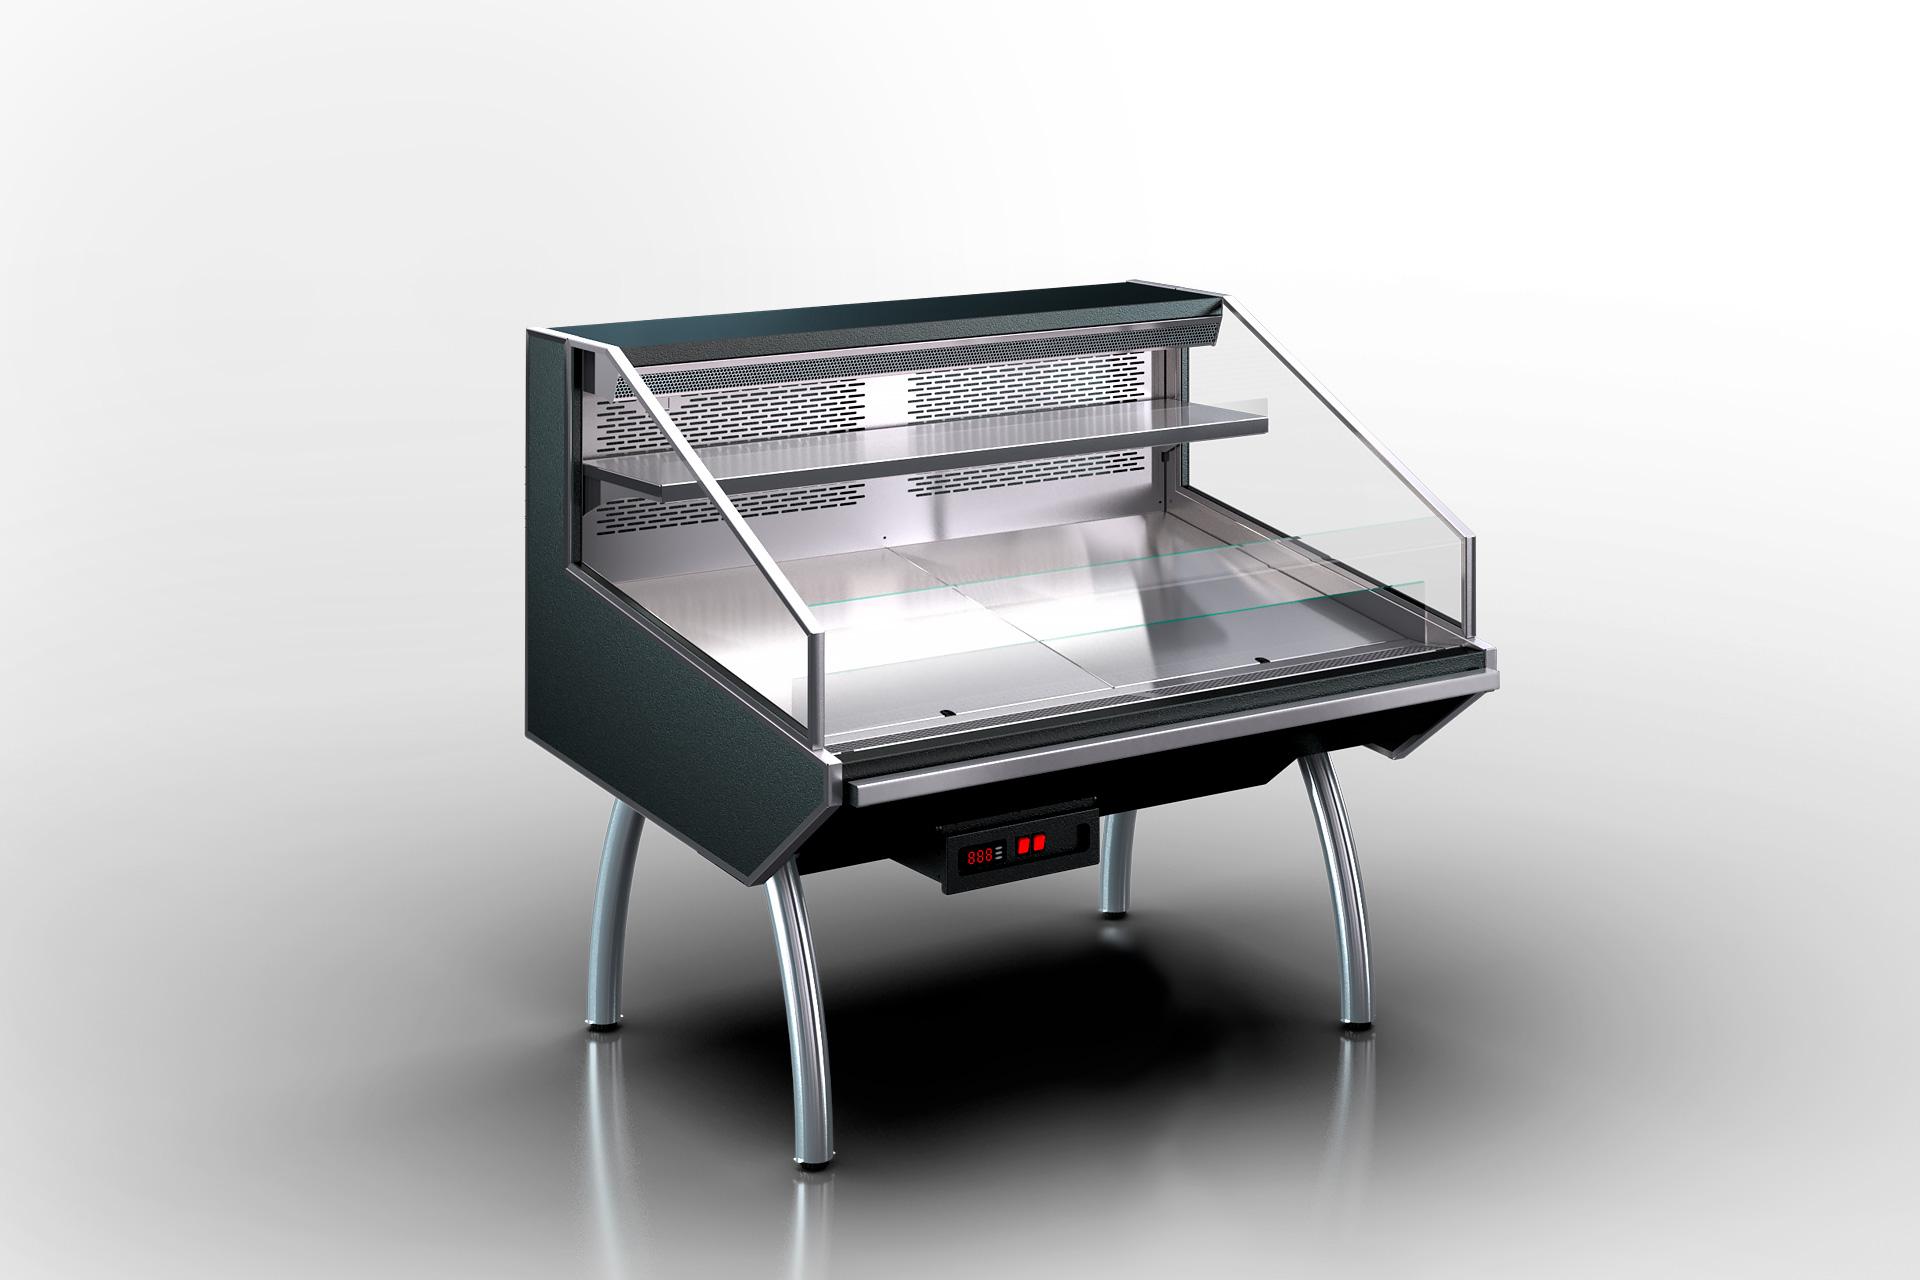 Refrigerated counters Missouri promo MC 100 deli self 120-DLM